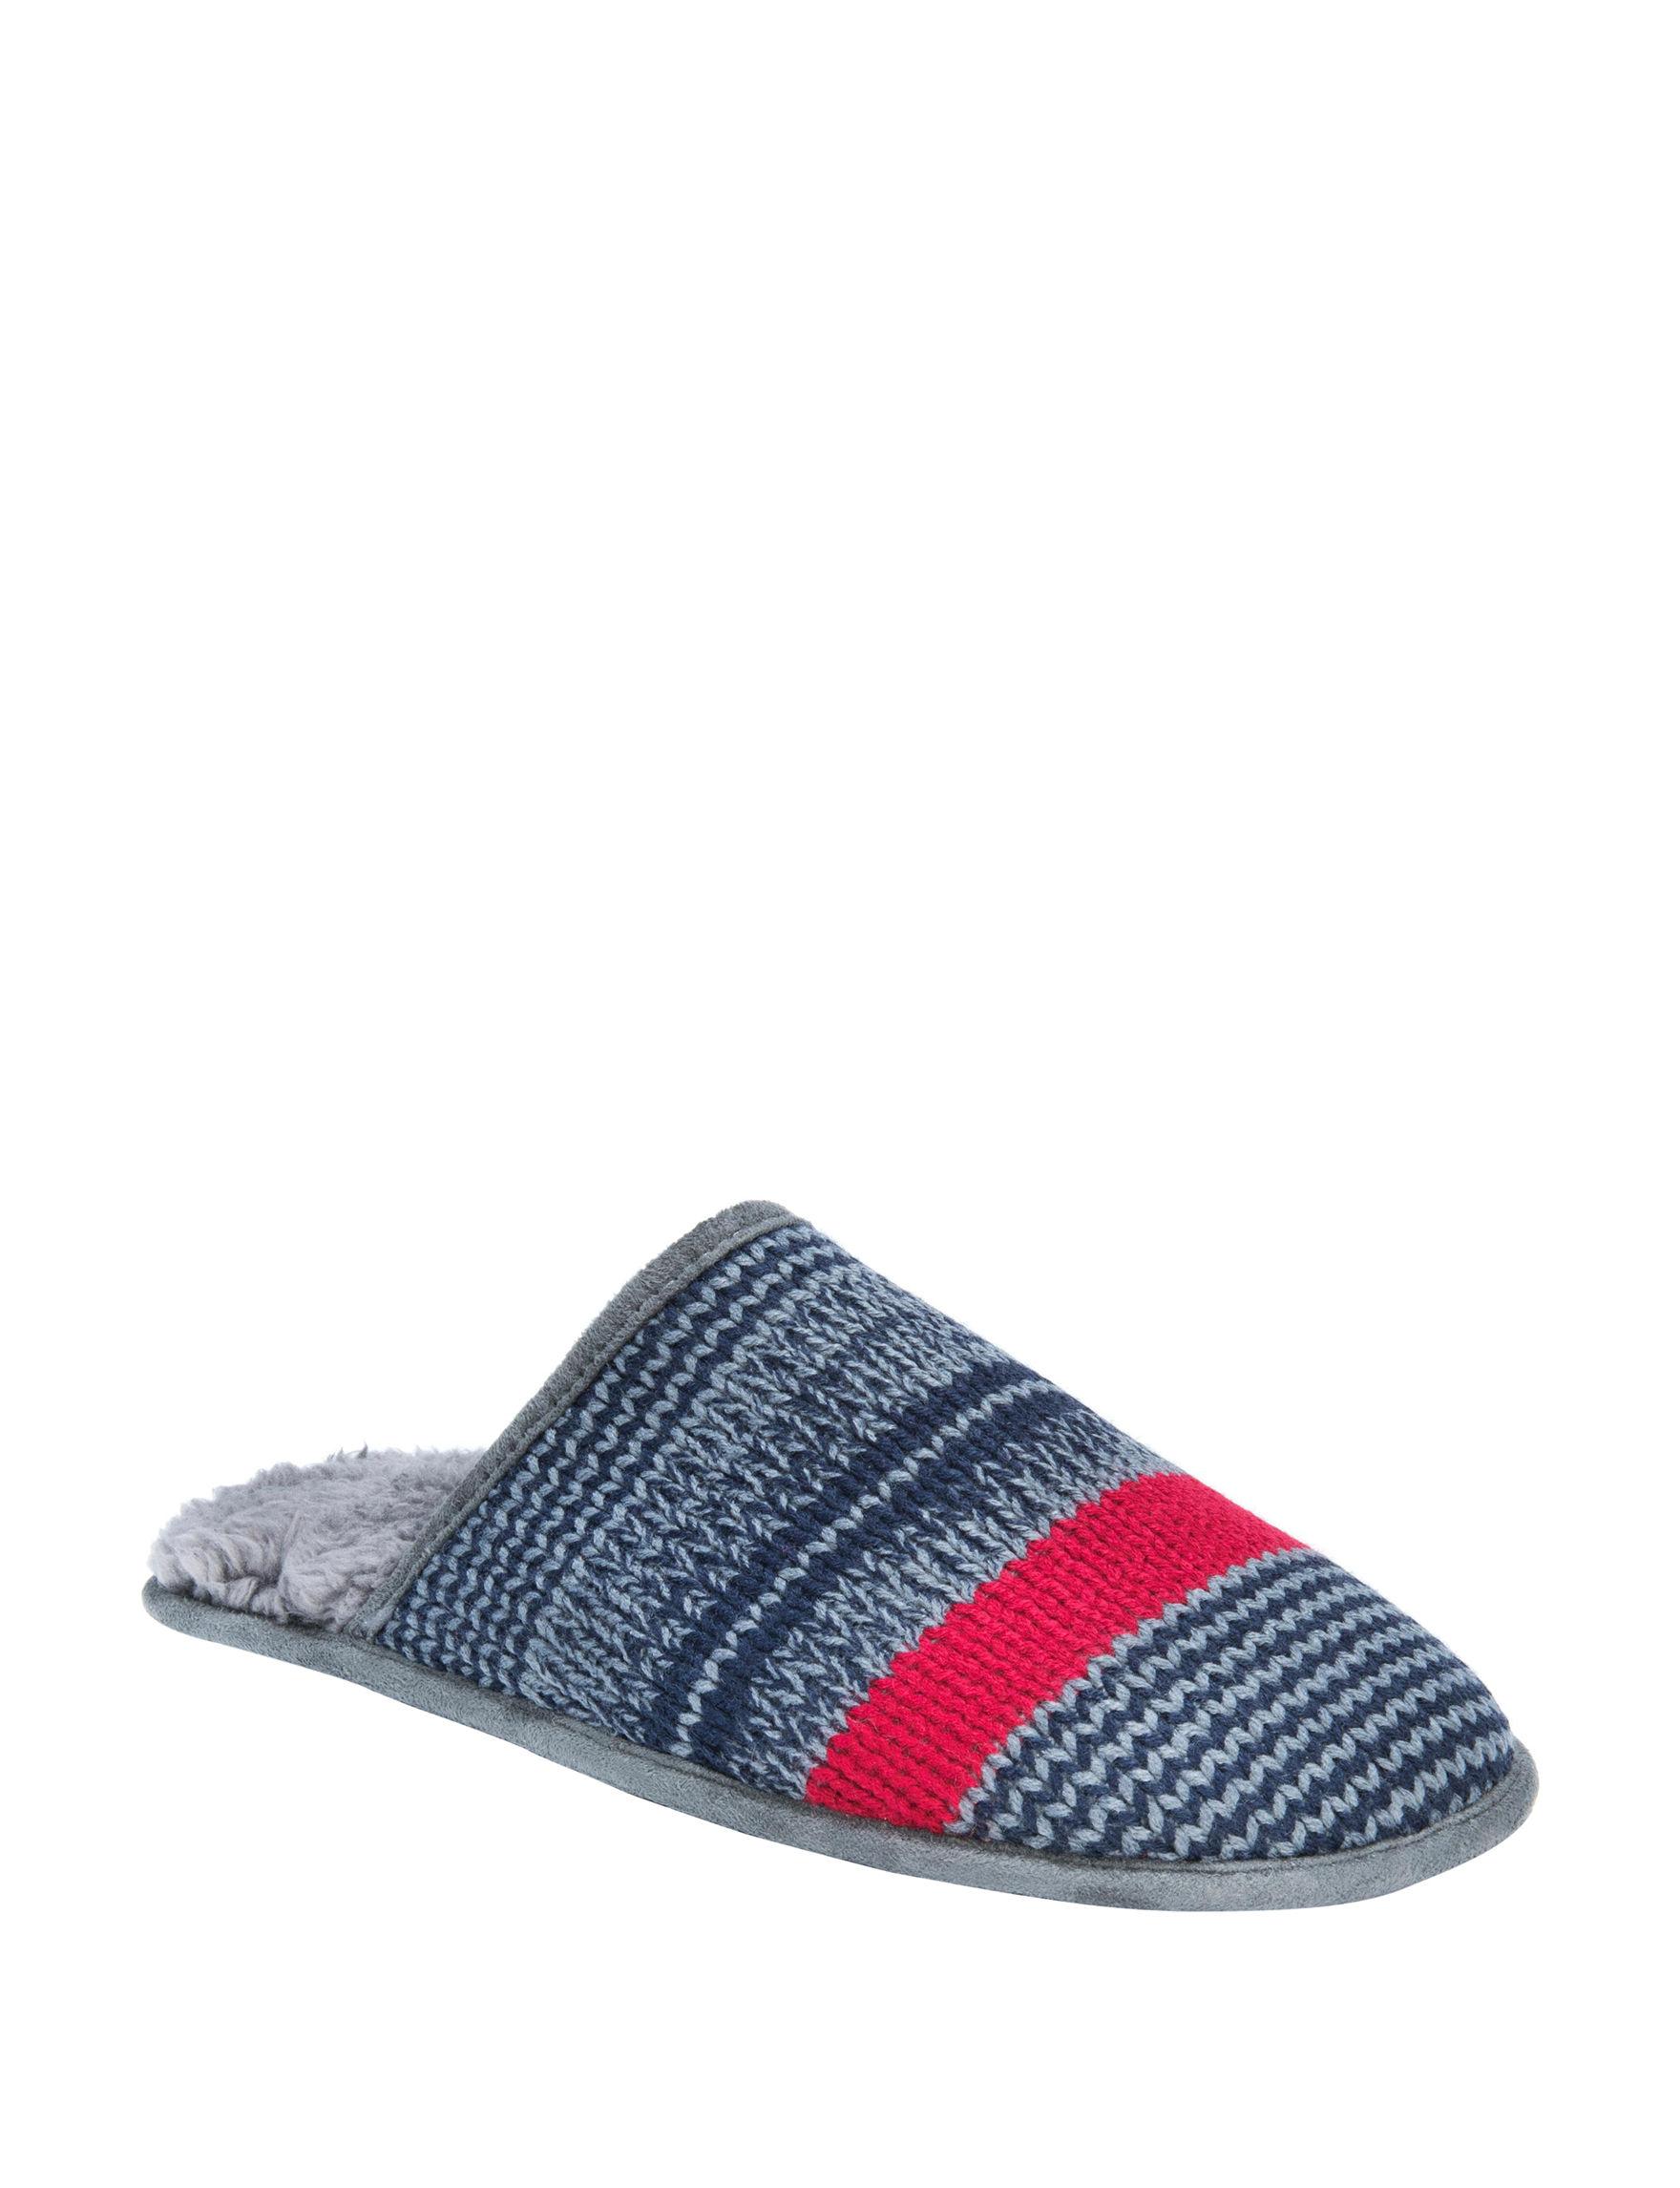 Muk Luks Blue Slipper Shoes